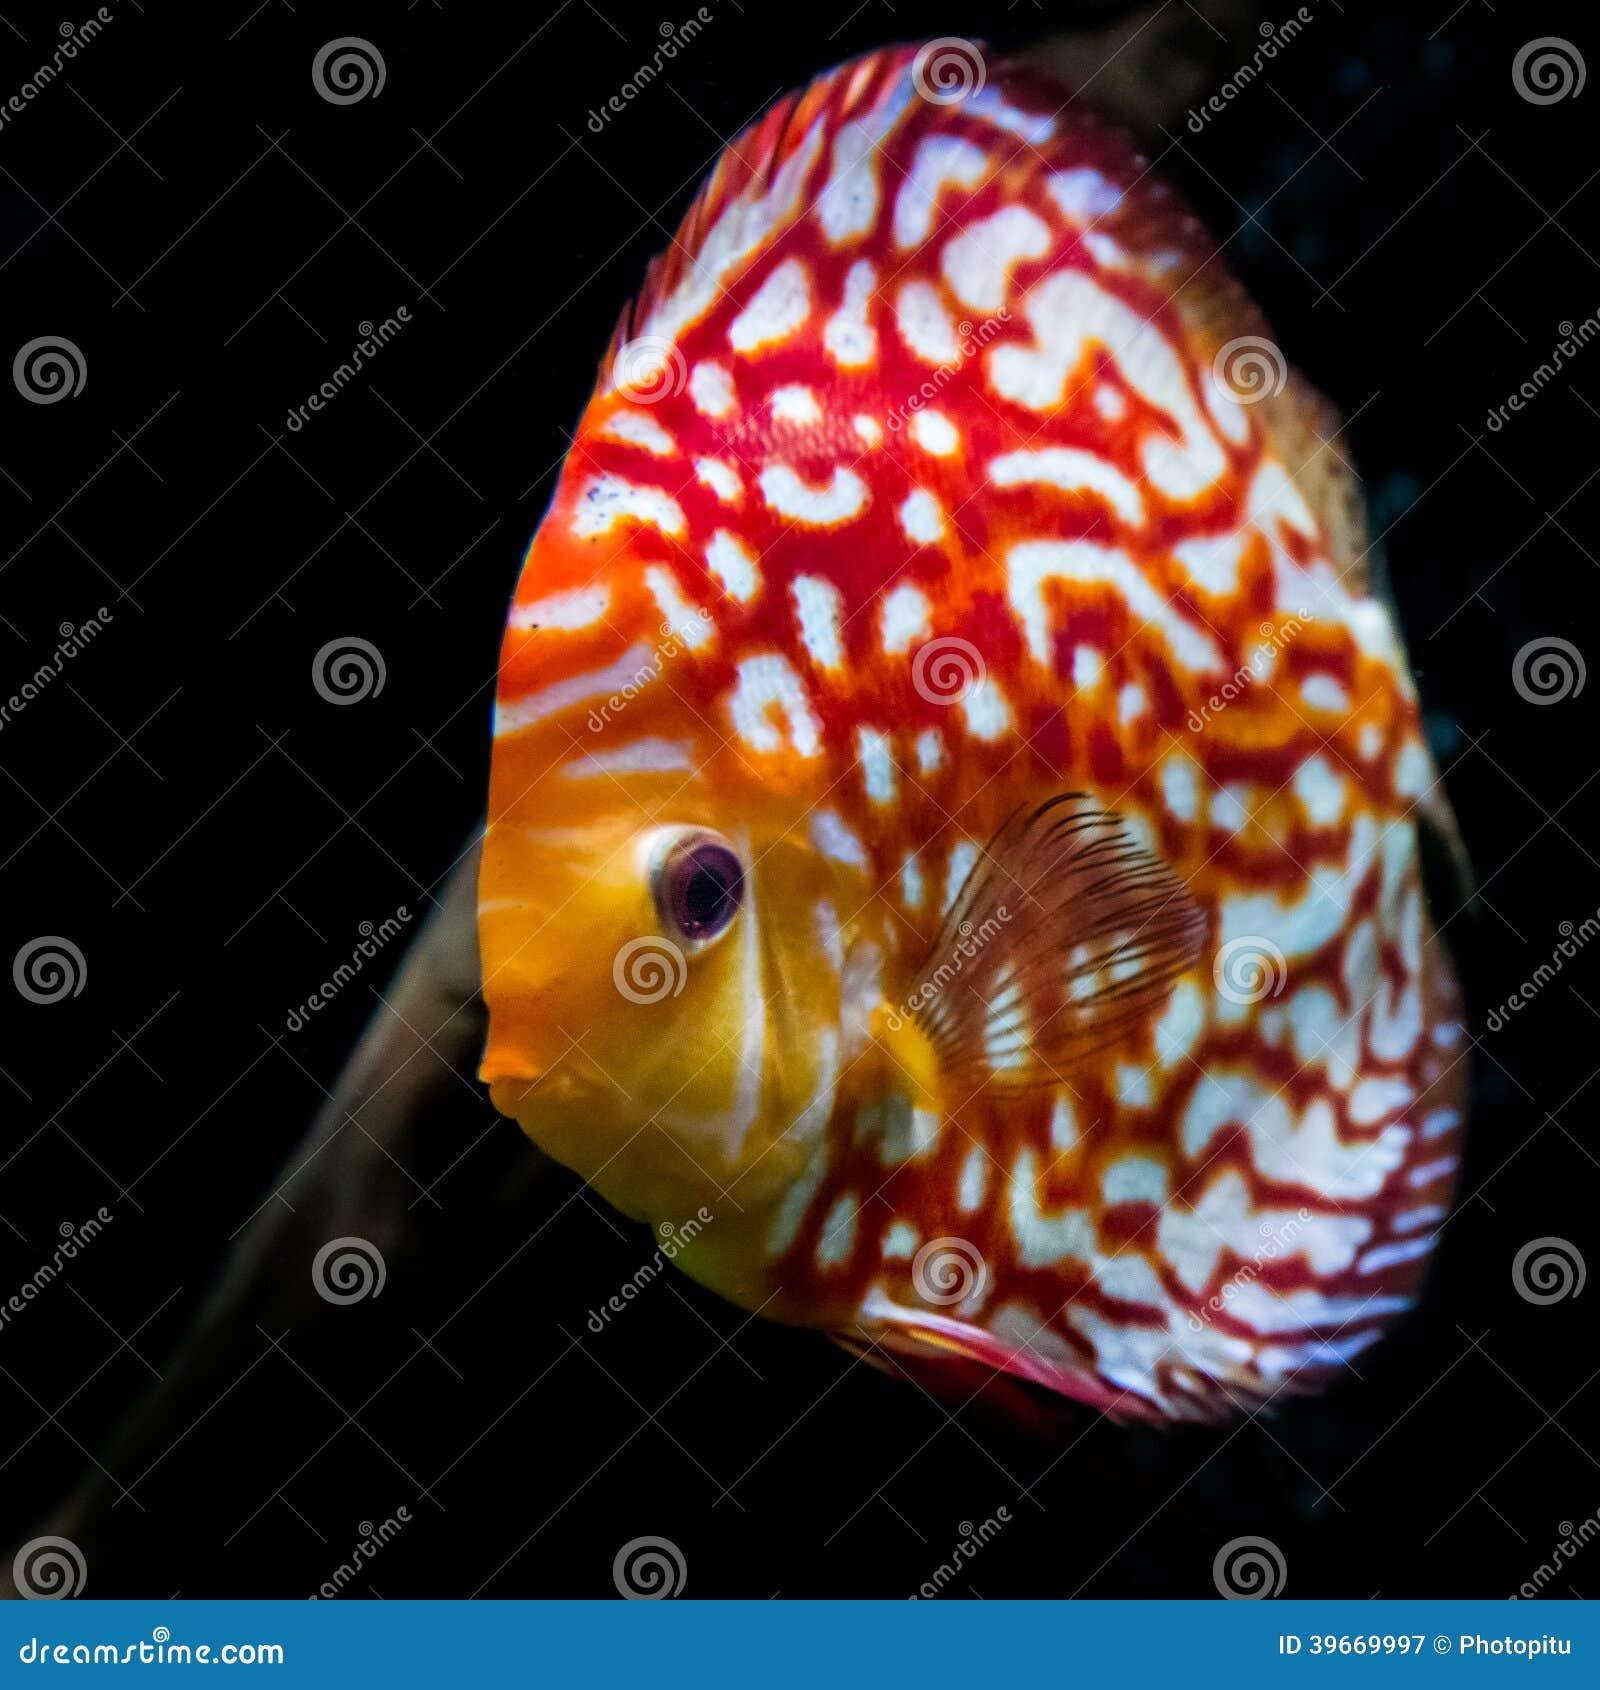 Discus stock image. Image of bright, colorful, aquarium - 39669997